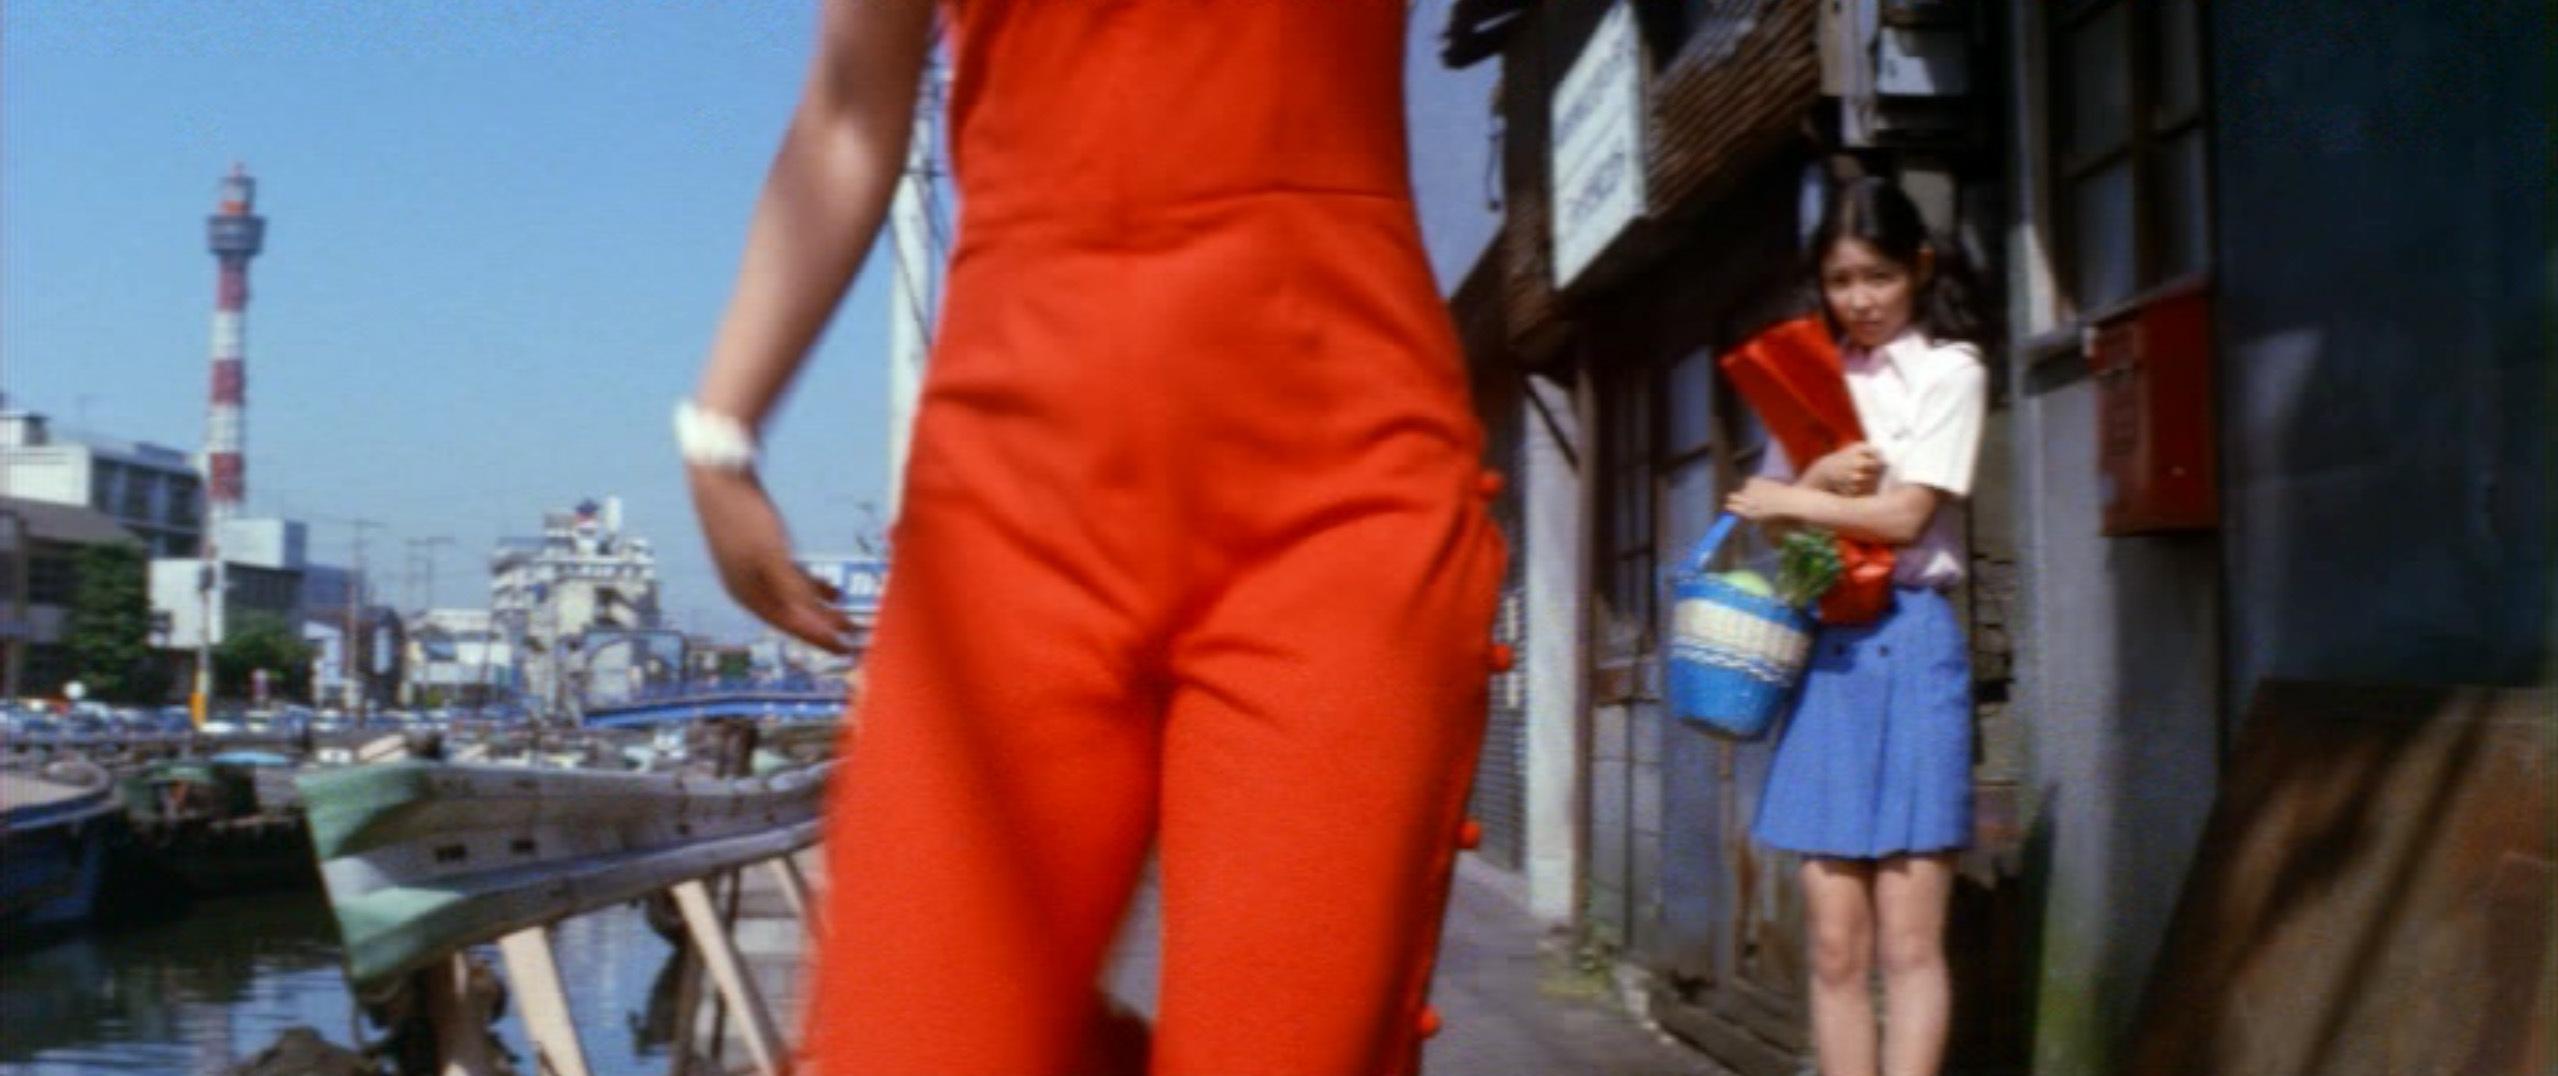 市毛良枝(Yoshie Ichige)「混血児リカ ハマぐれ子守唄」(1973)・・・《前半》_e0042361_20453310.jpg